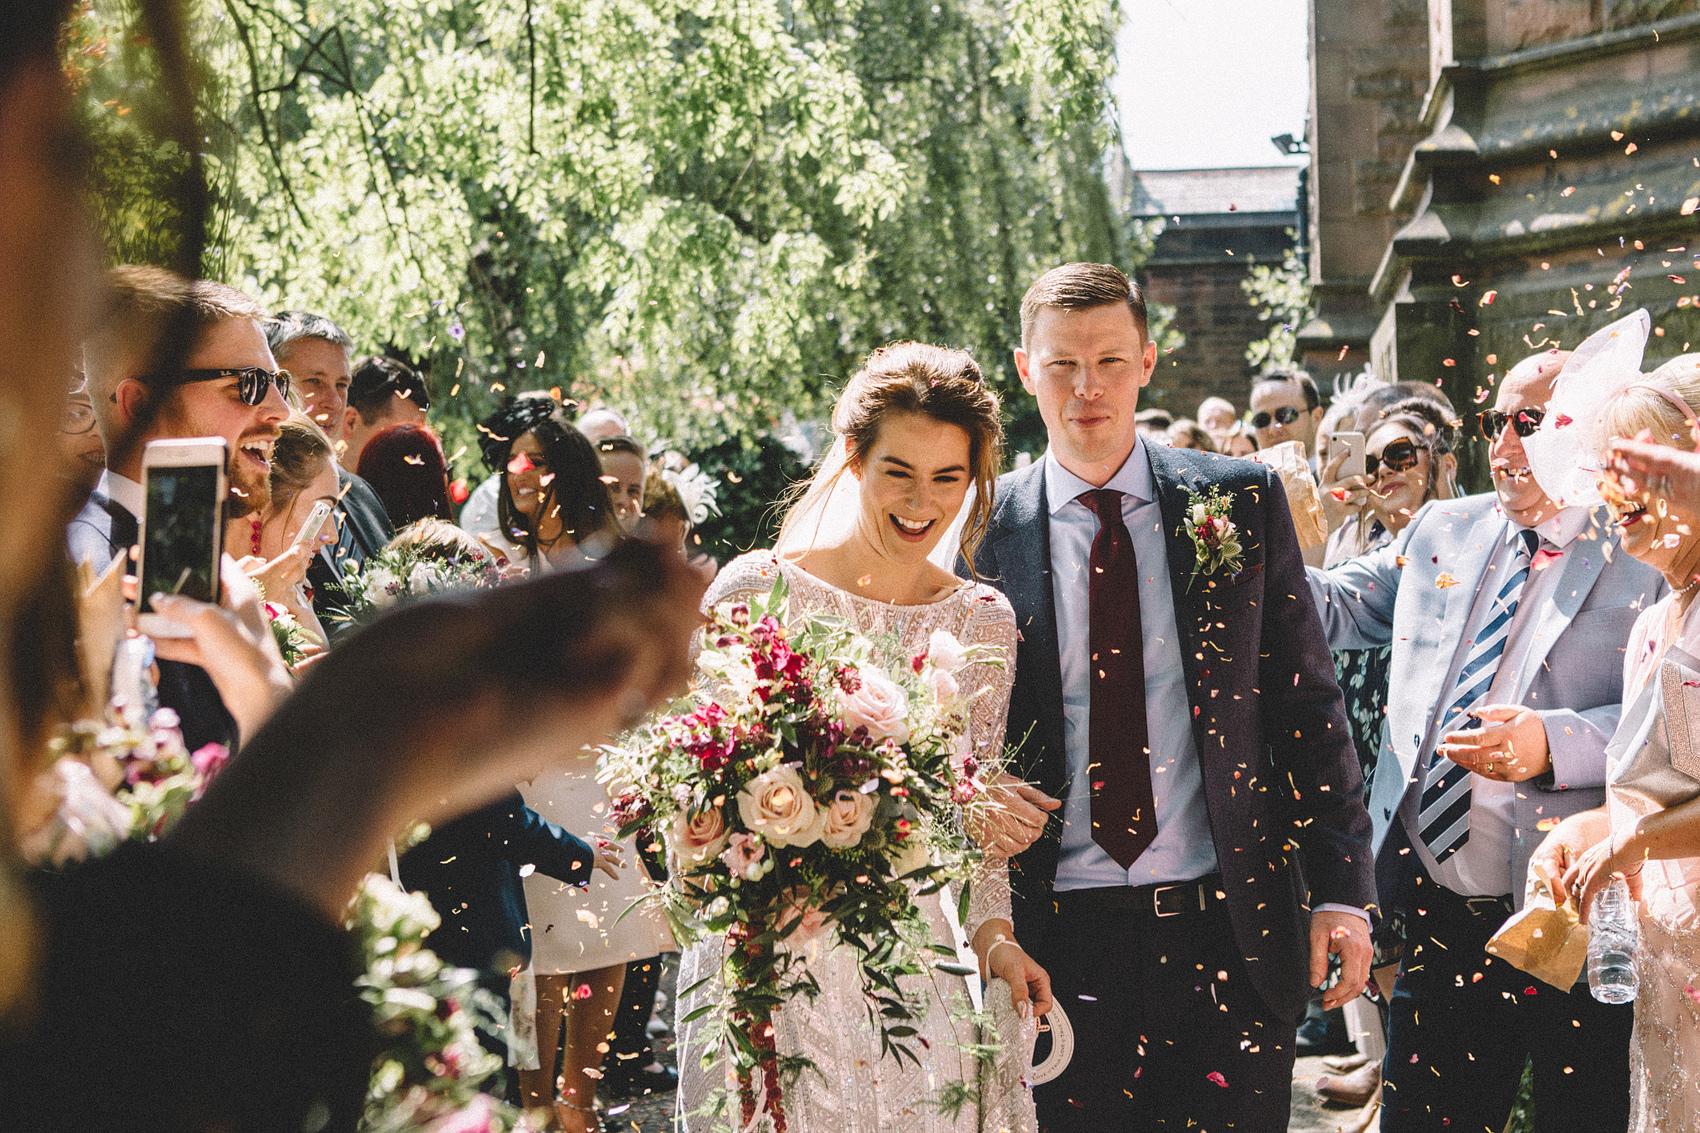 Inglewood_Manor_Wedding_Photography_-_Claire_Basiuk_Cheshire_Photographer_-_27_43.jpg